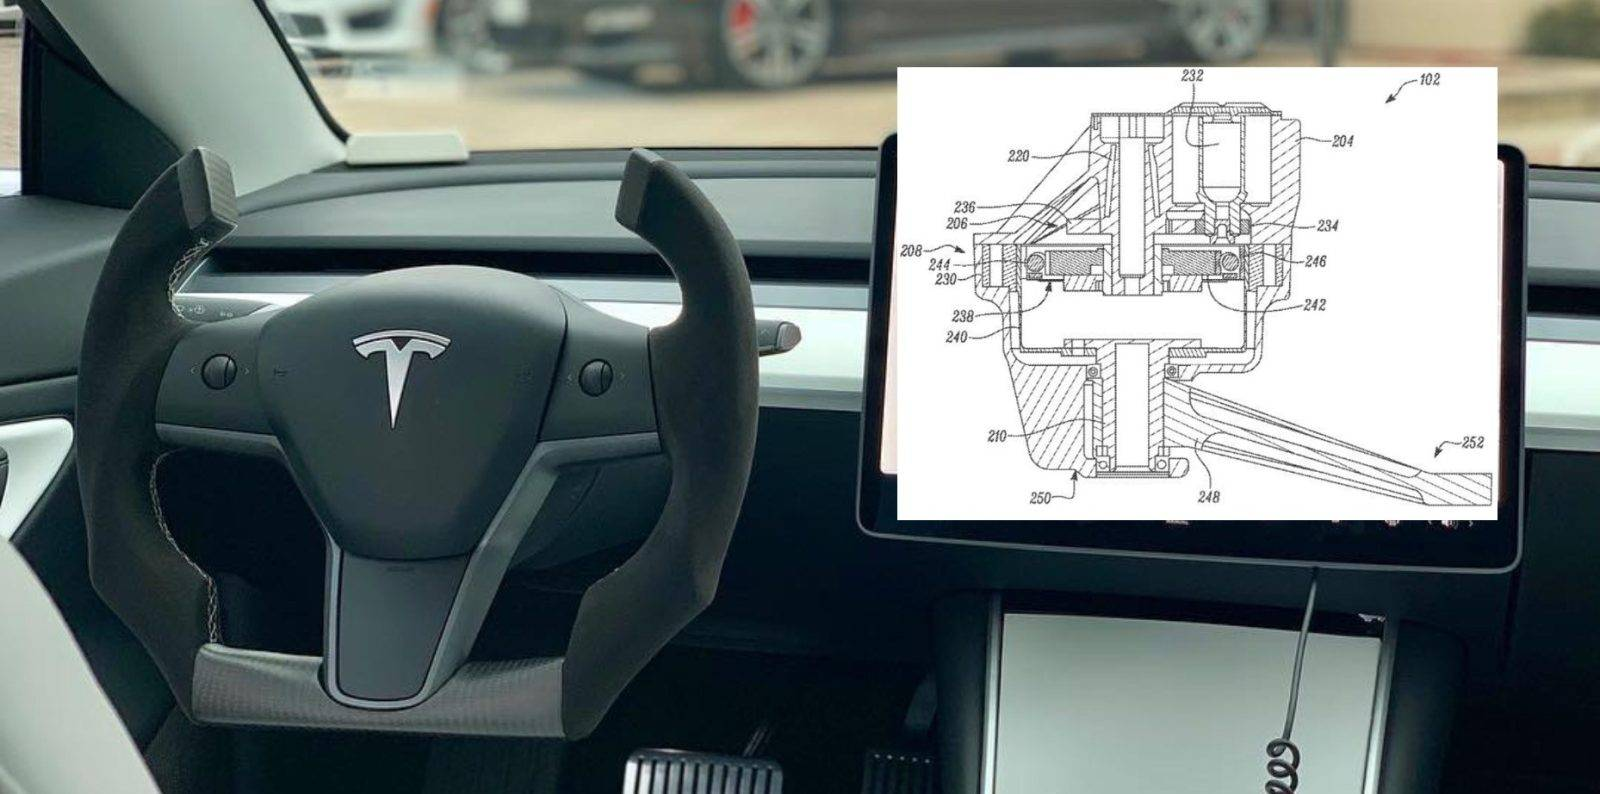 新車型或采用線控轉向 特斯拉正招聘相關職位-圖2